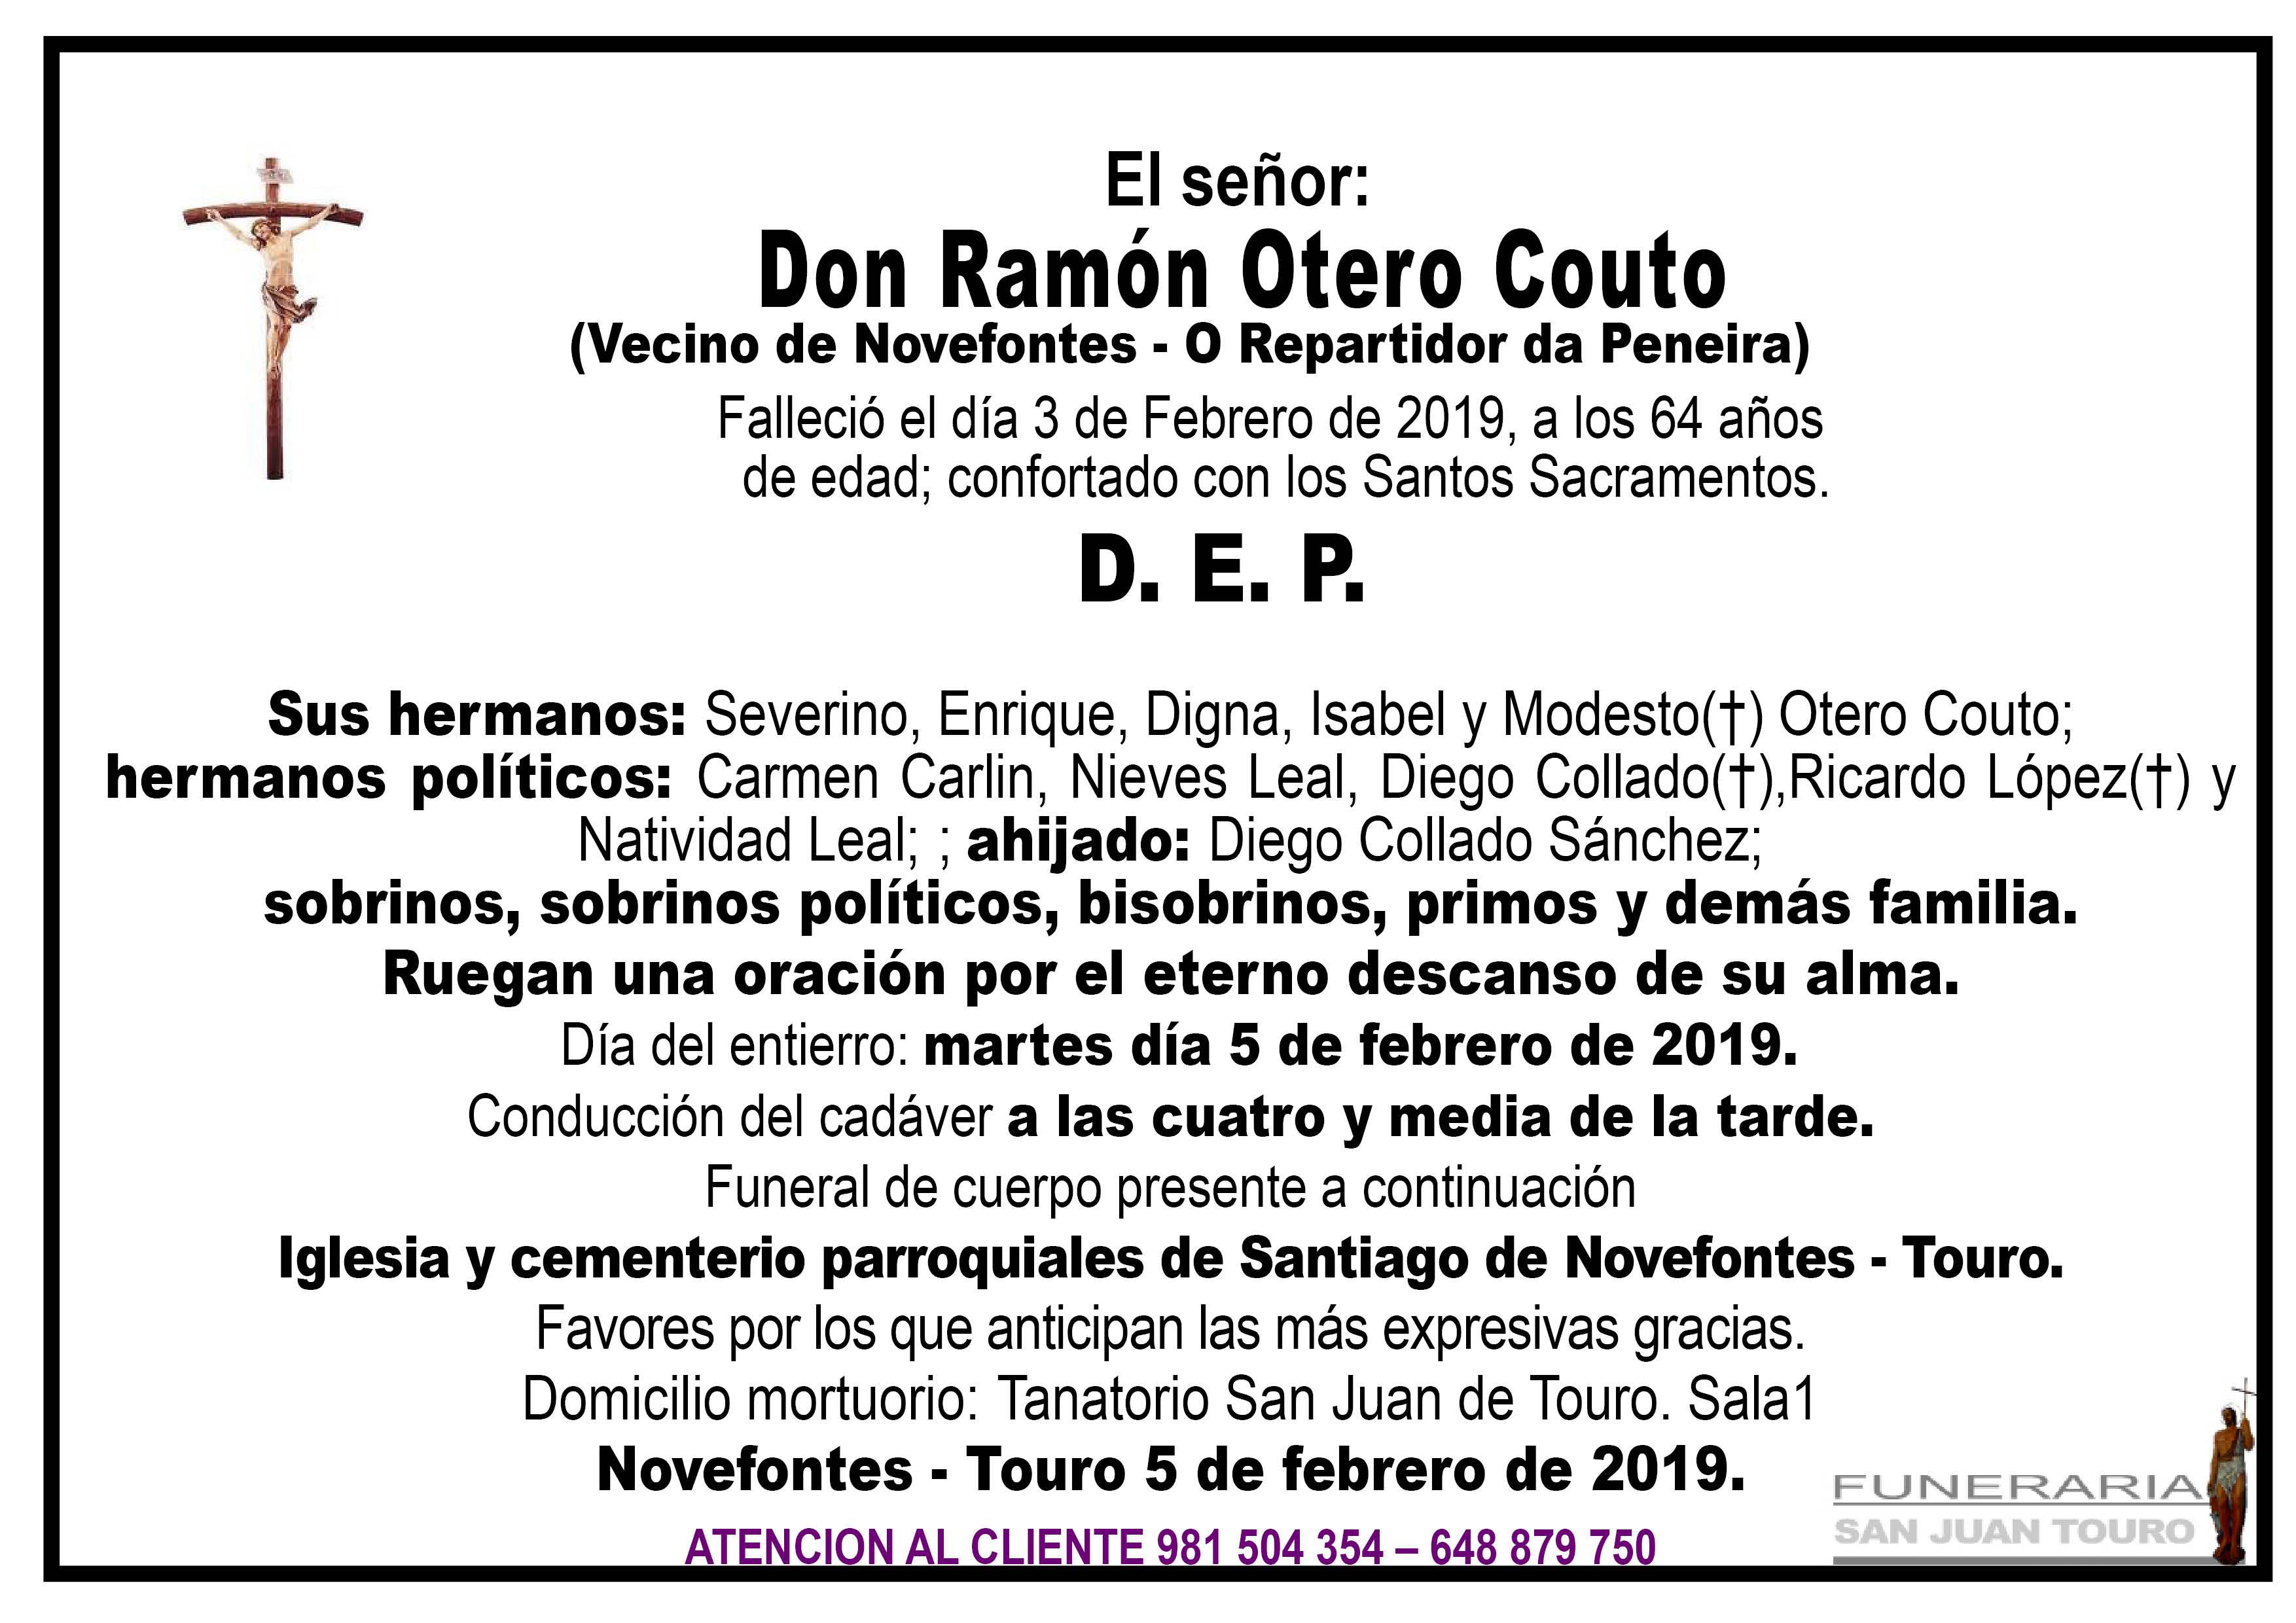 Esquela de SEPELIO DE DON RAMÓN OTERO COUTO